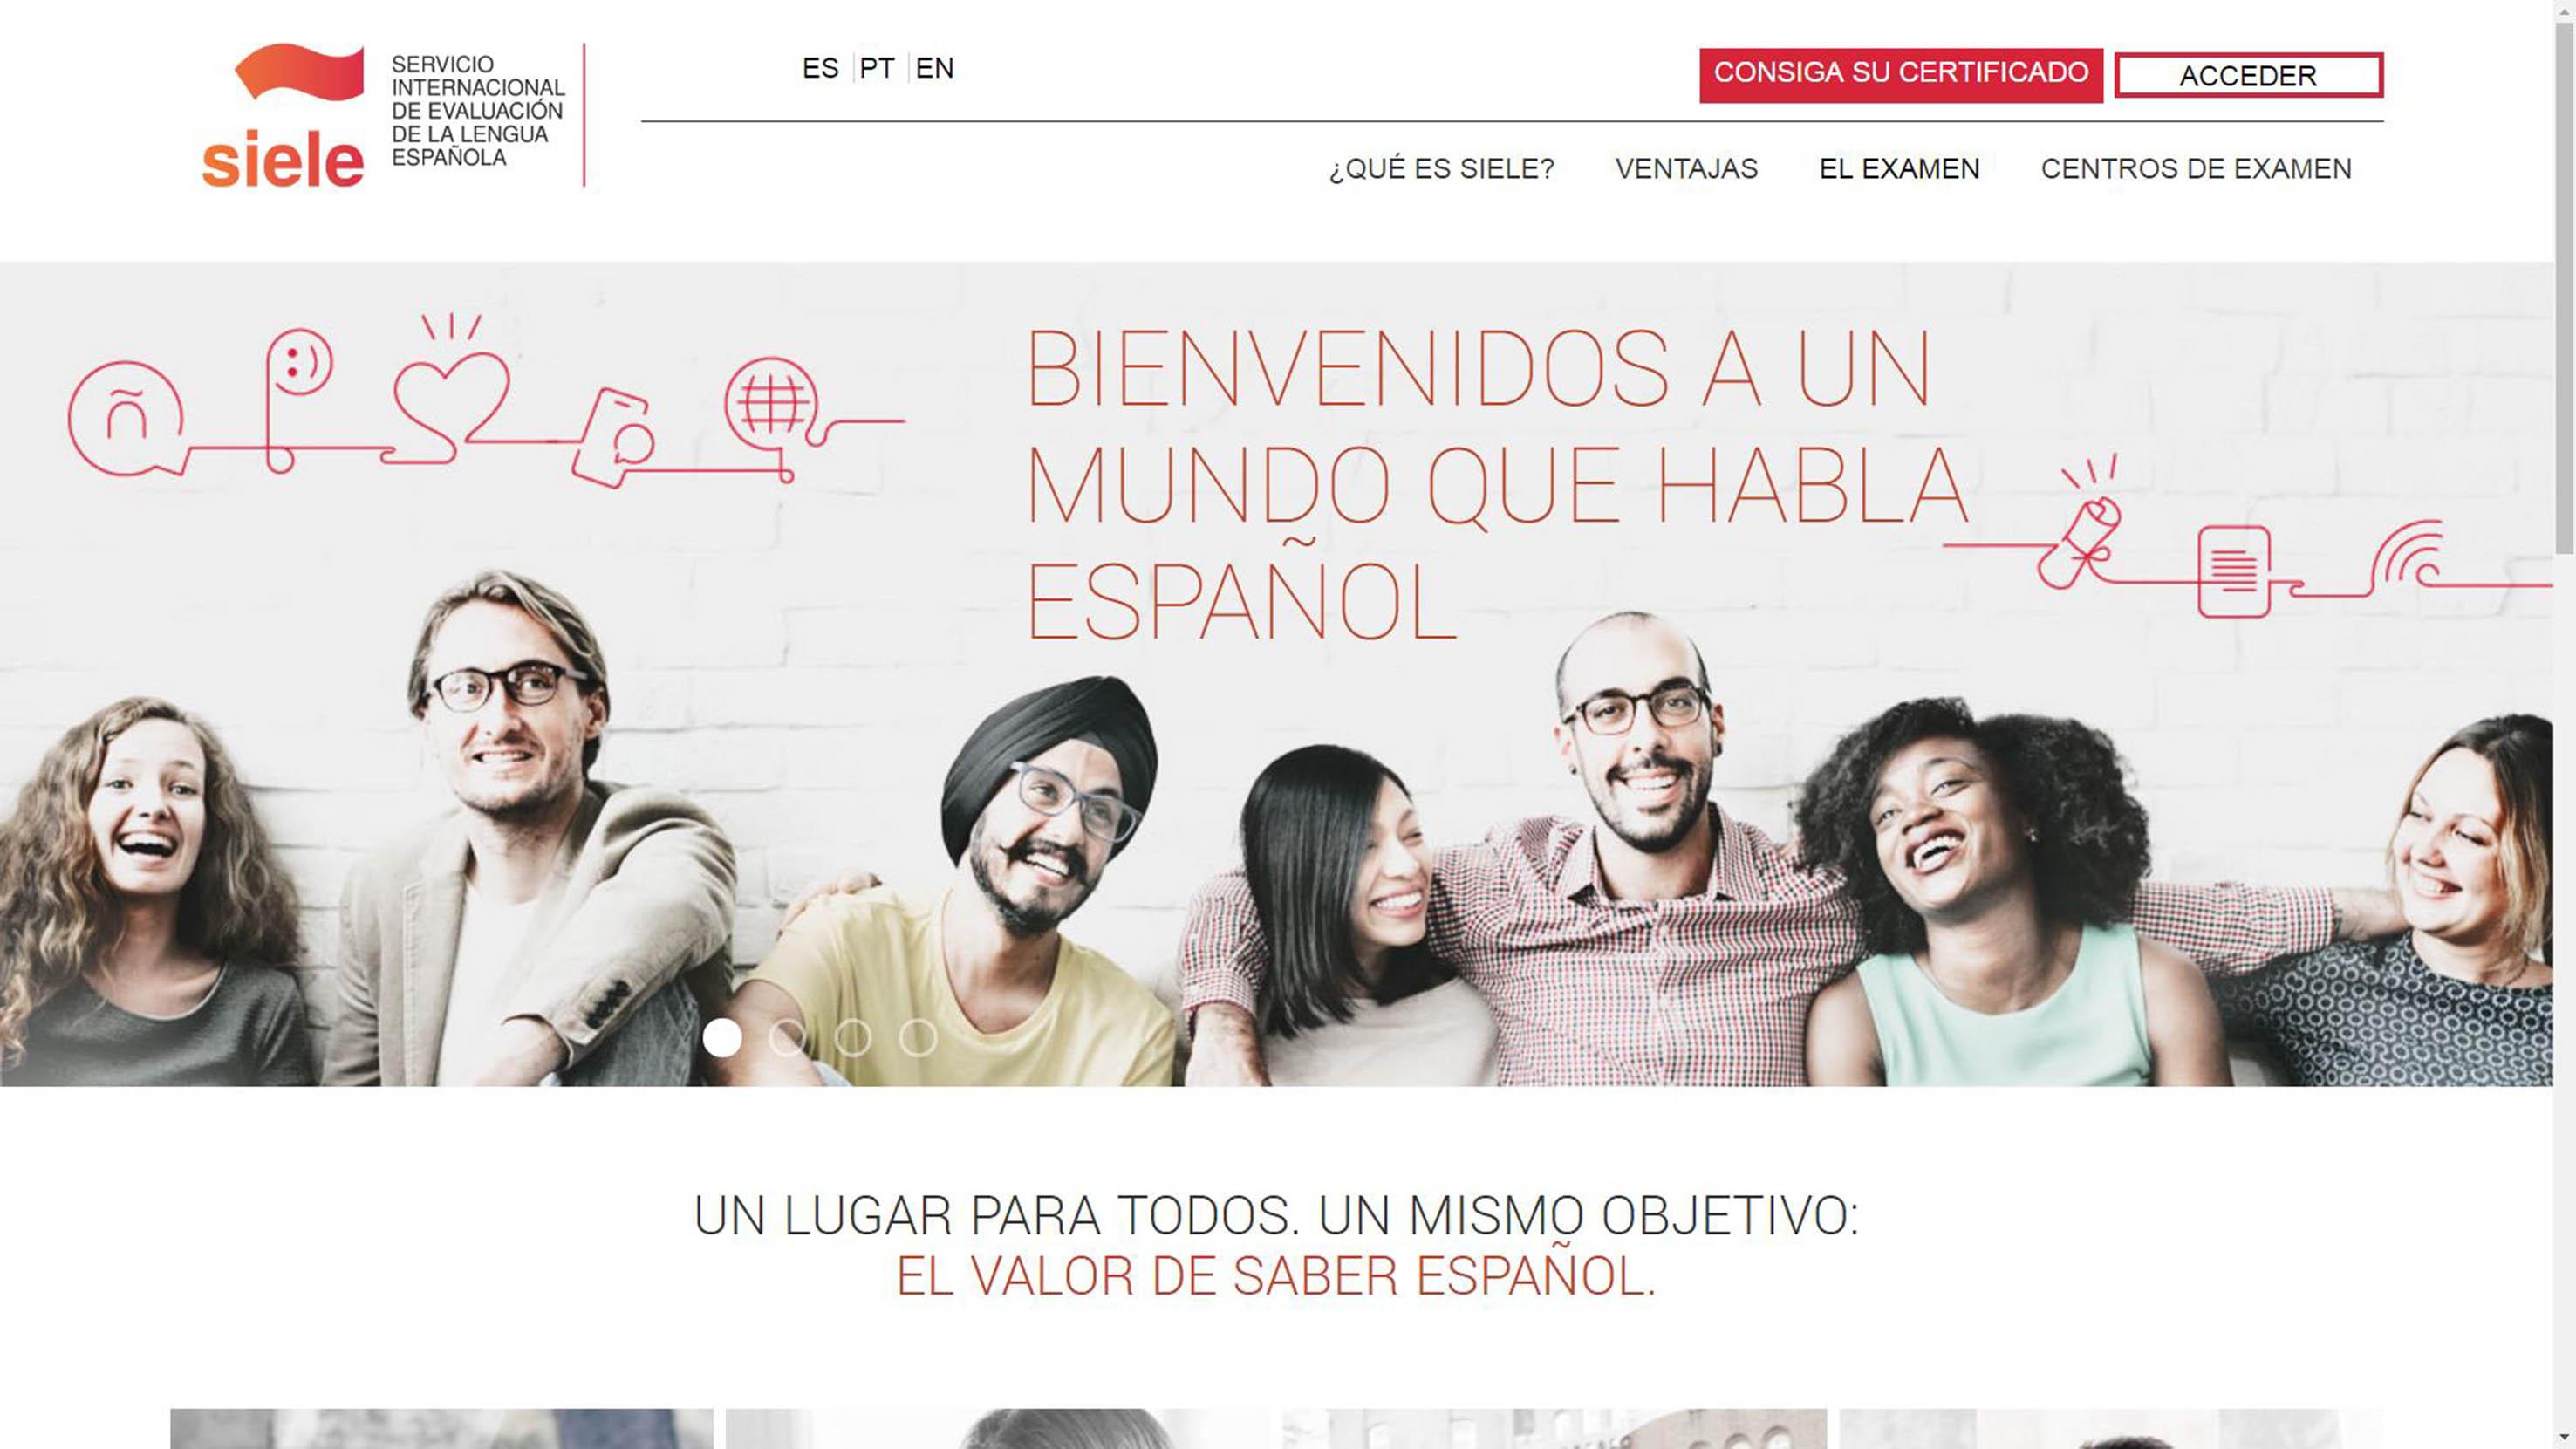 LA UNAM CON OTRAS INSTITUCIONES CERTIFICAN EL IDIOMA ESPAÑOL EN 60 PAÍSES